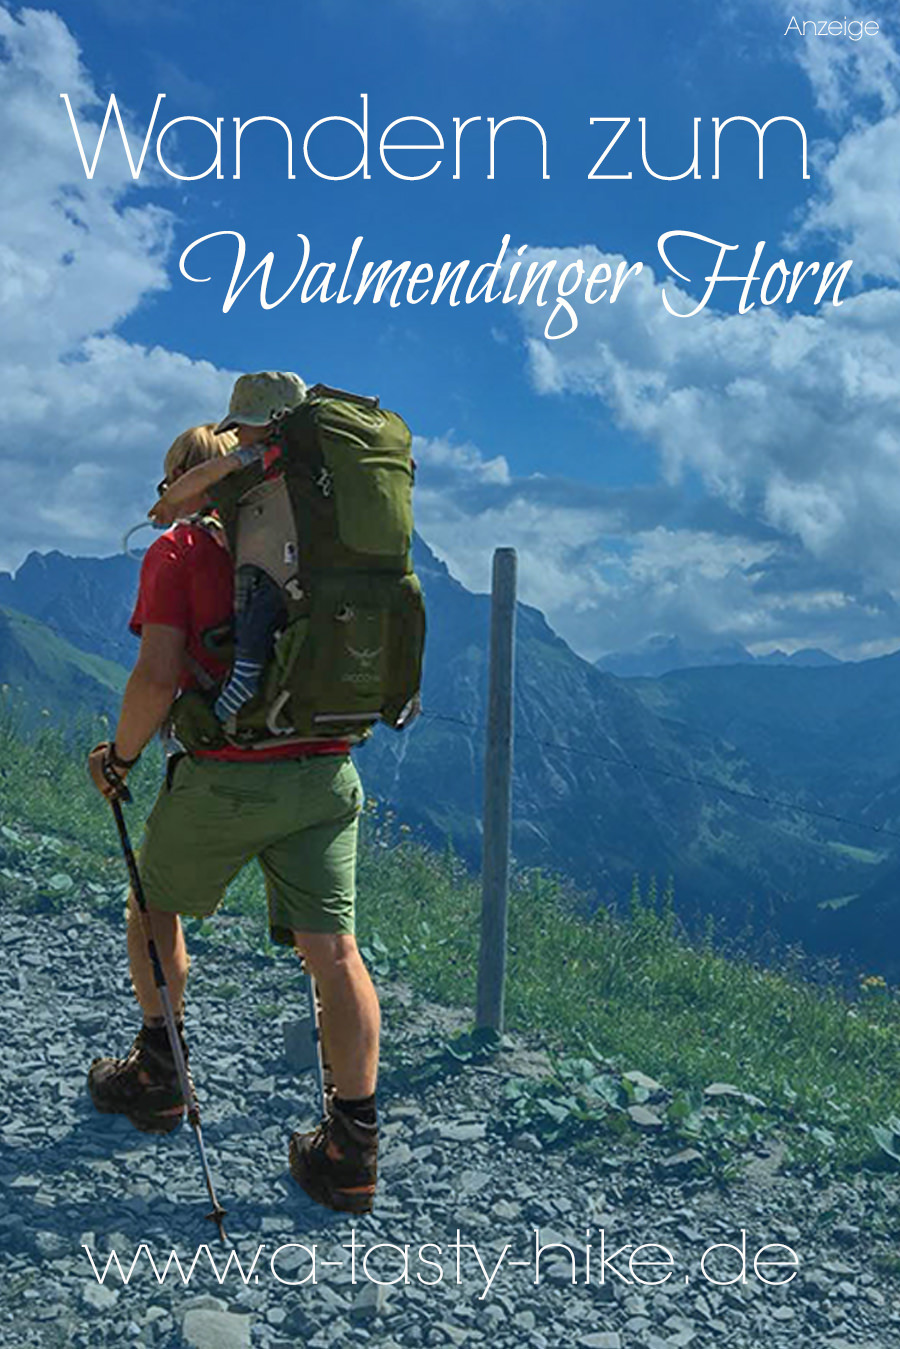 Wanderung zum Walmendinger Horn im Kleinwalsertal - Pinterest